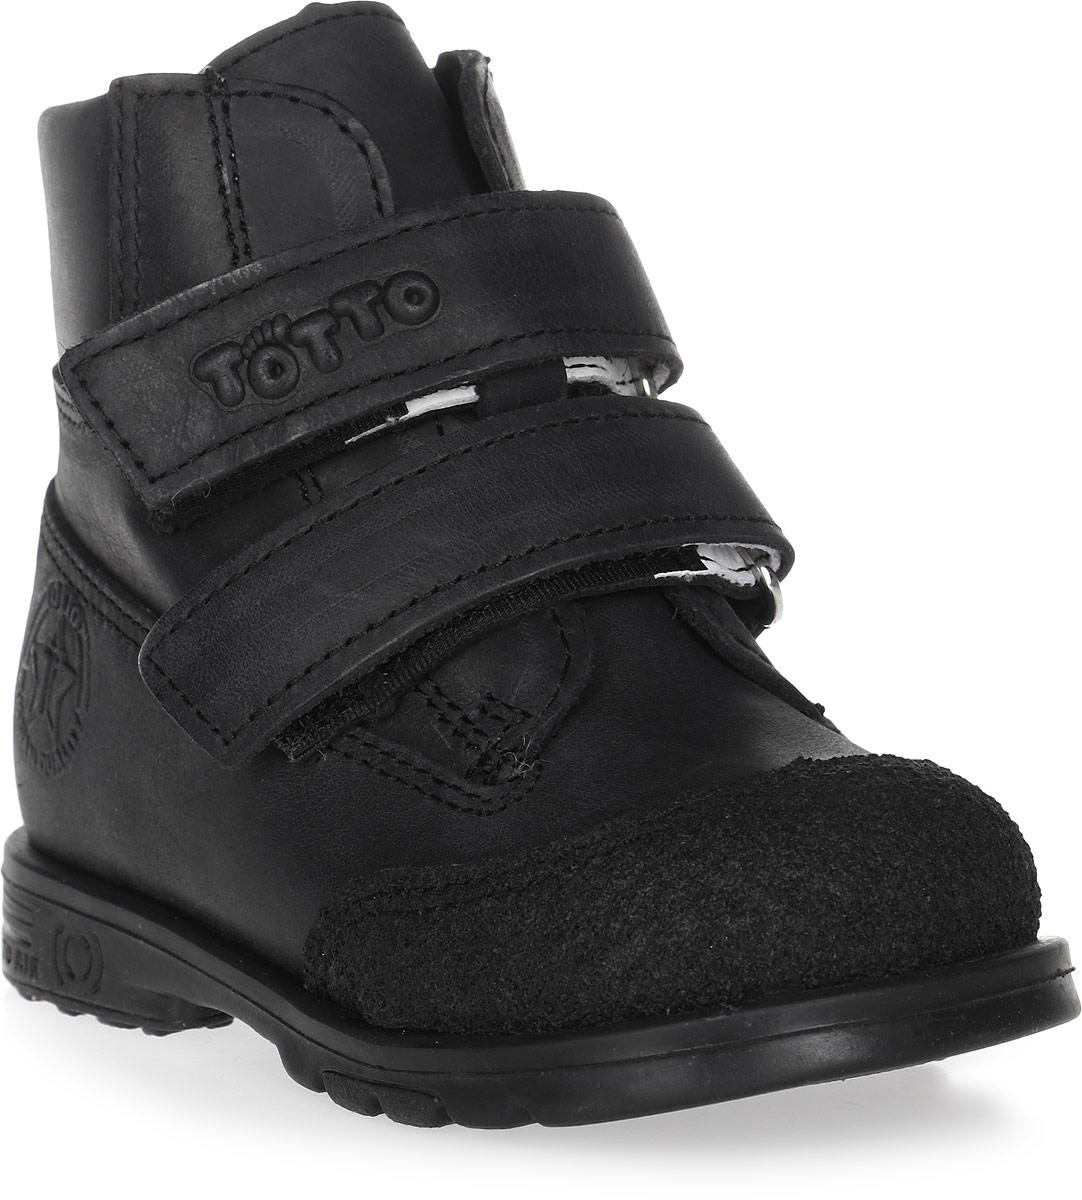 Ботинки для мальчиков Тотто, цвет: черный. 126/1-БП. Размер 22126/1-БПСтильные ботинки для мальчика Тотто займут достойное место в гардеробе вашего ребенка. Модель с высоким жестким задником и усиленным мыском выполнена из натуральной кожи и оформлена тисненым логотипом бренда и прострочкой. Внутренняя поверхность ботинок и стелька выполнены из байки, обеспечивающей тепло и комфорт при движении. Верх изделия дополнен удобными застежками-липучками, которые обеспечат комфортную фиксацию модели на ноге и отрегулируют объем, а рифленая поверхность подошвы защитит от скольжения во время движения. Стильные ботинки - незаменимая вещь в гардеробе каждого мальчика!